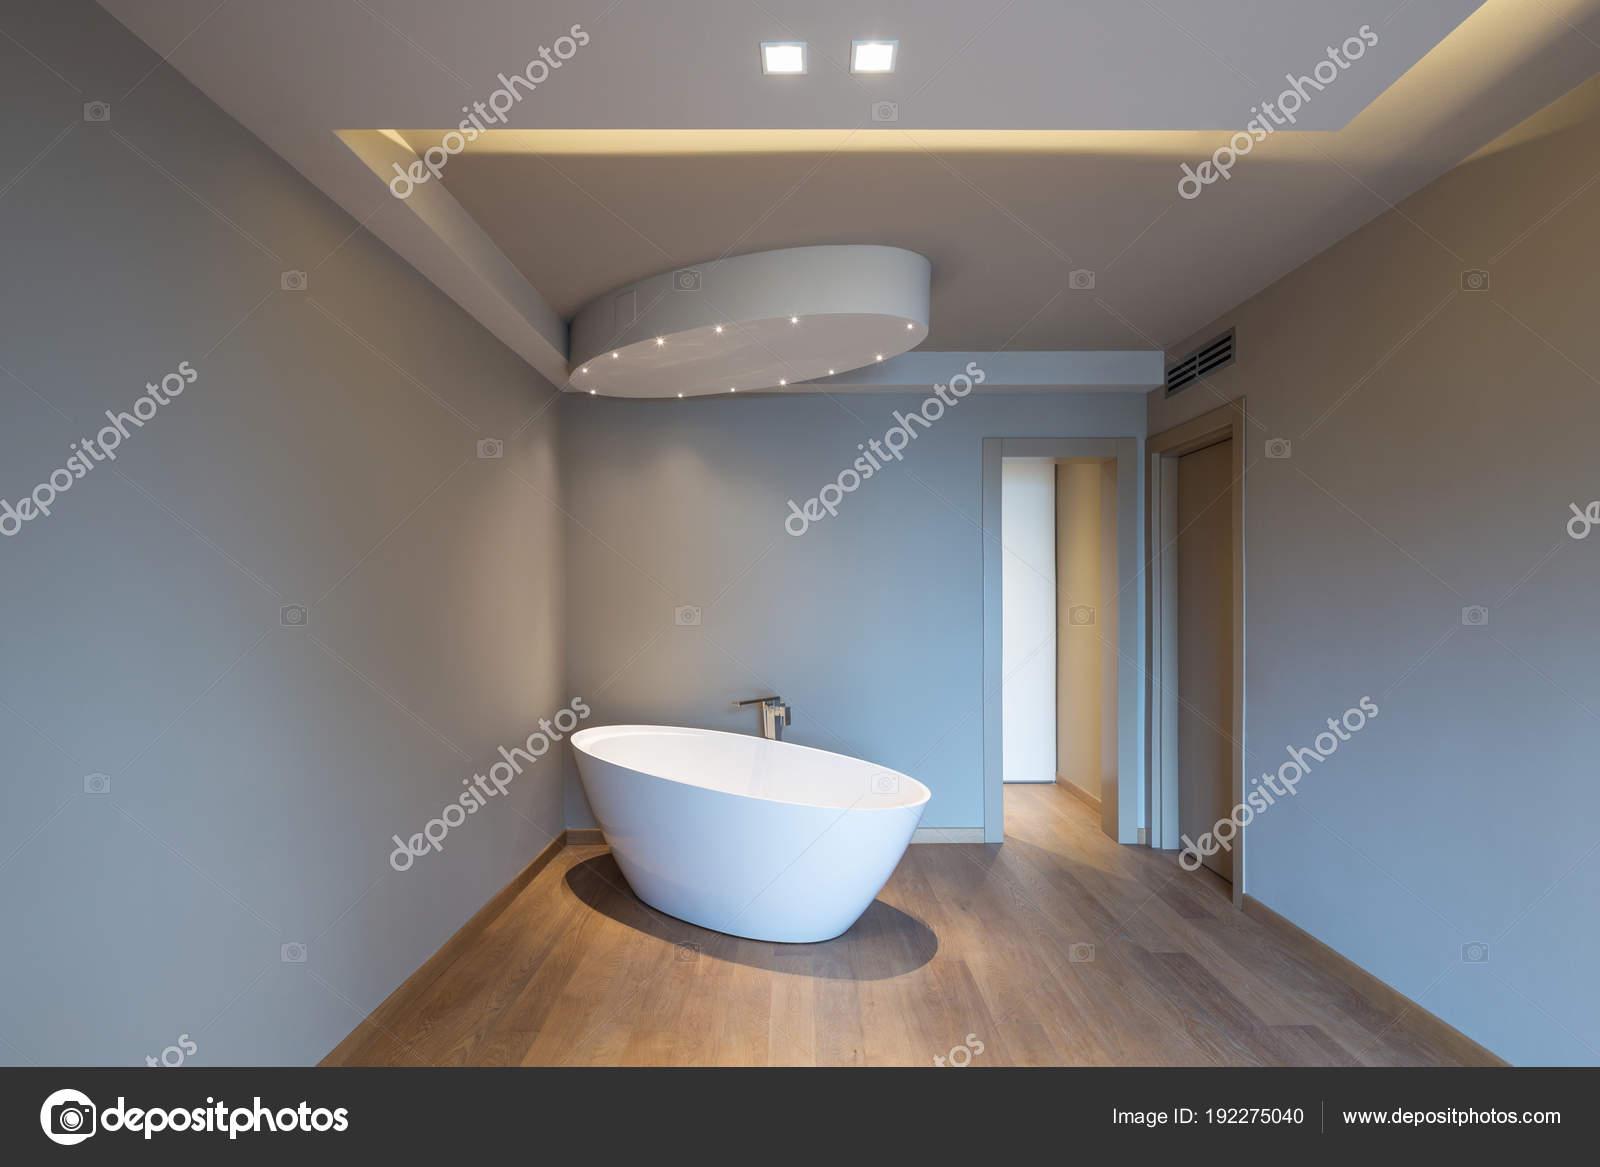 Vasca Da Bagno In Camera Da Letto : Moderna camera da letto con vasca da bagno appartamento di lusso